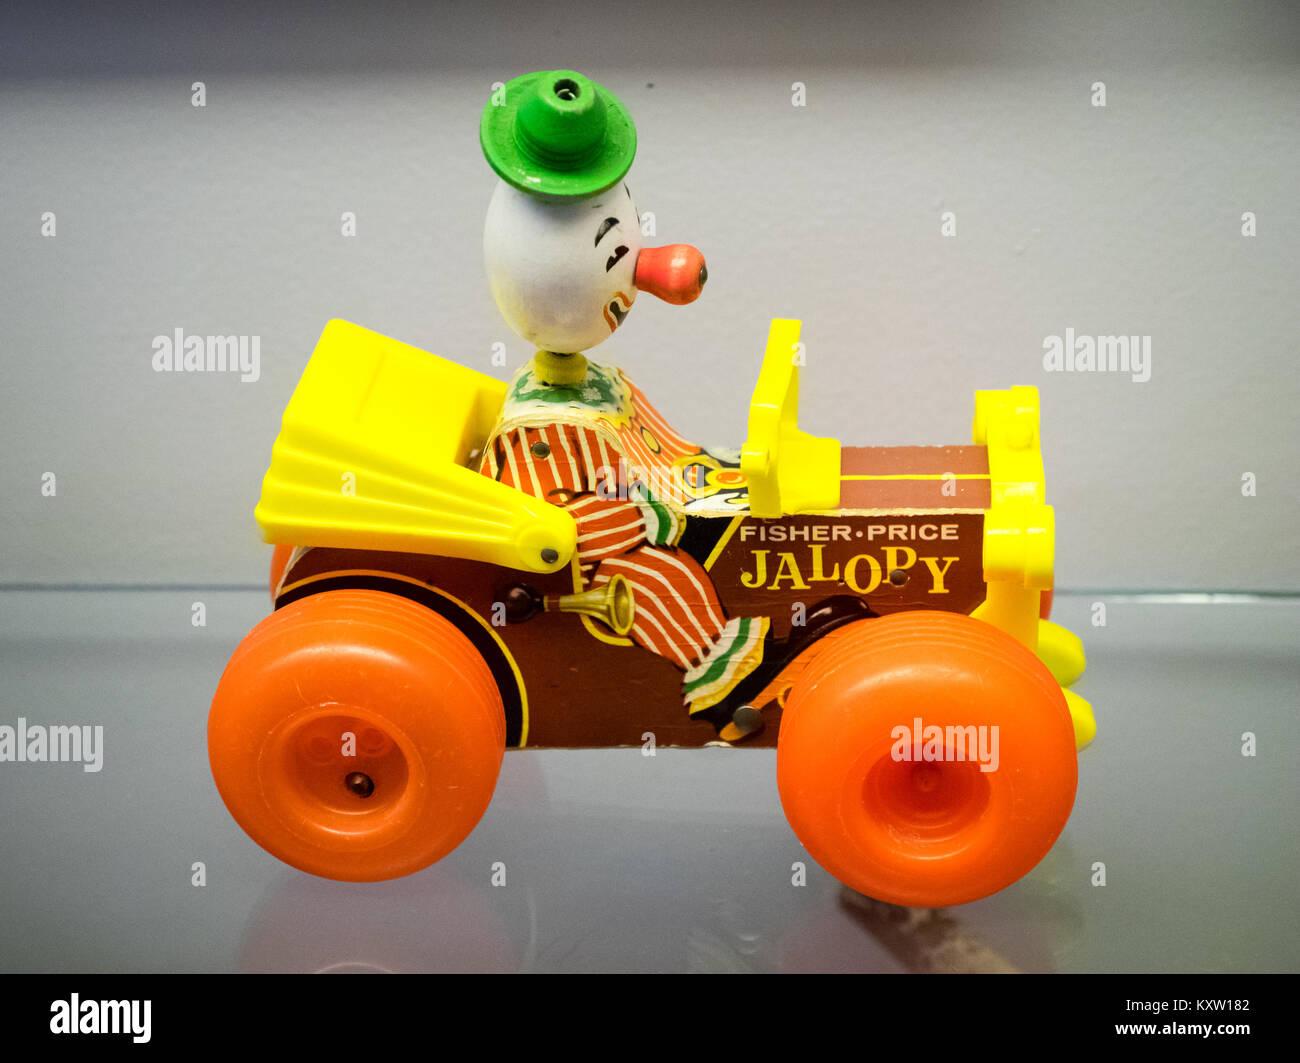 Una Fisher-Price Jolly Jalopy #724, un clásico de juguetes fabricados por Mattel desde 1965-1978. Imagen De Stock